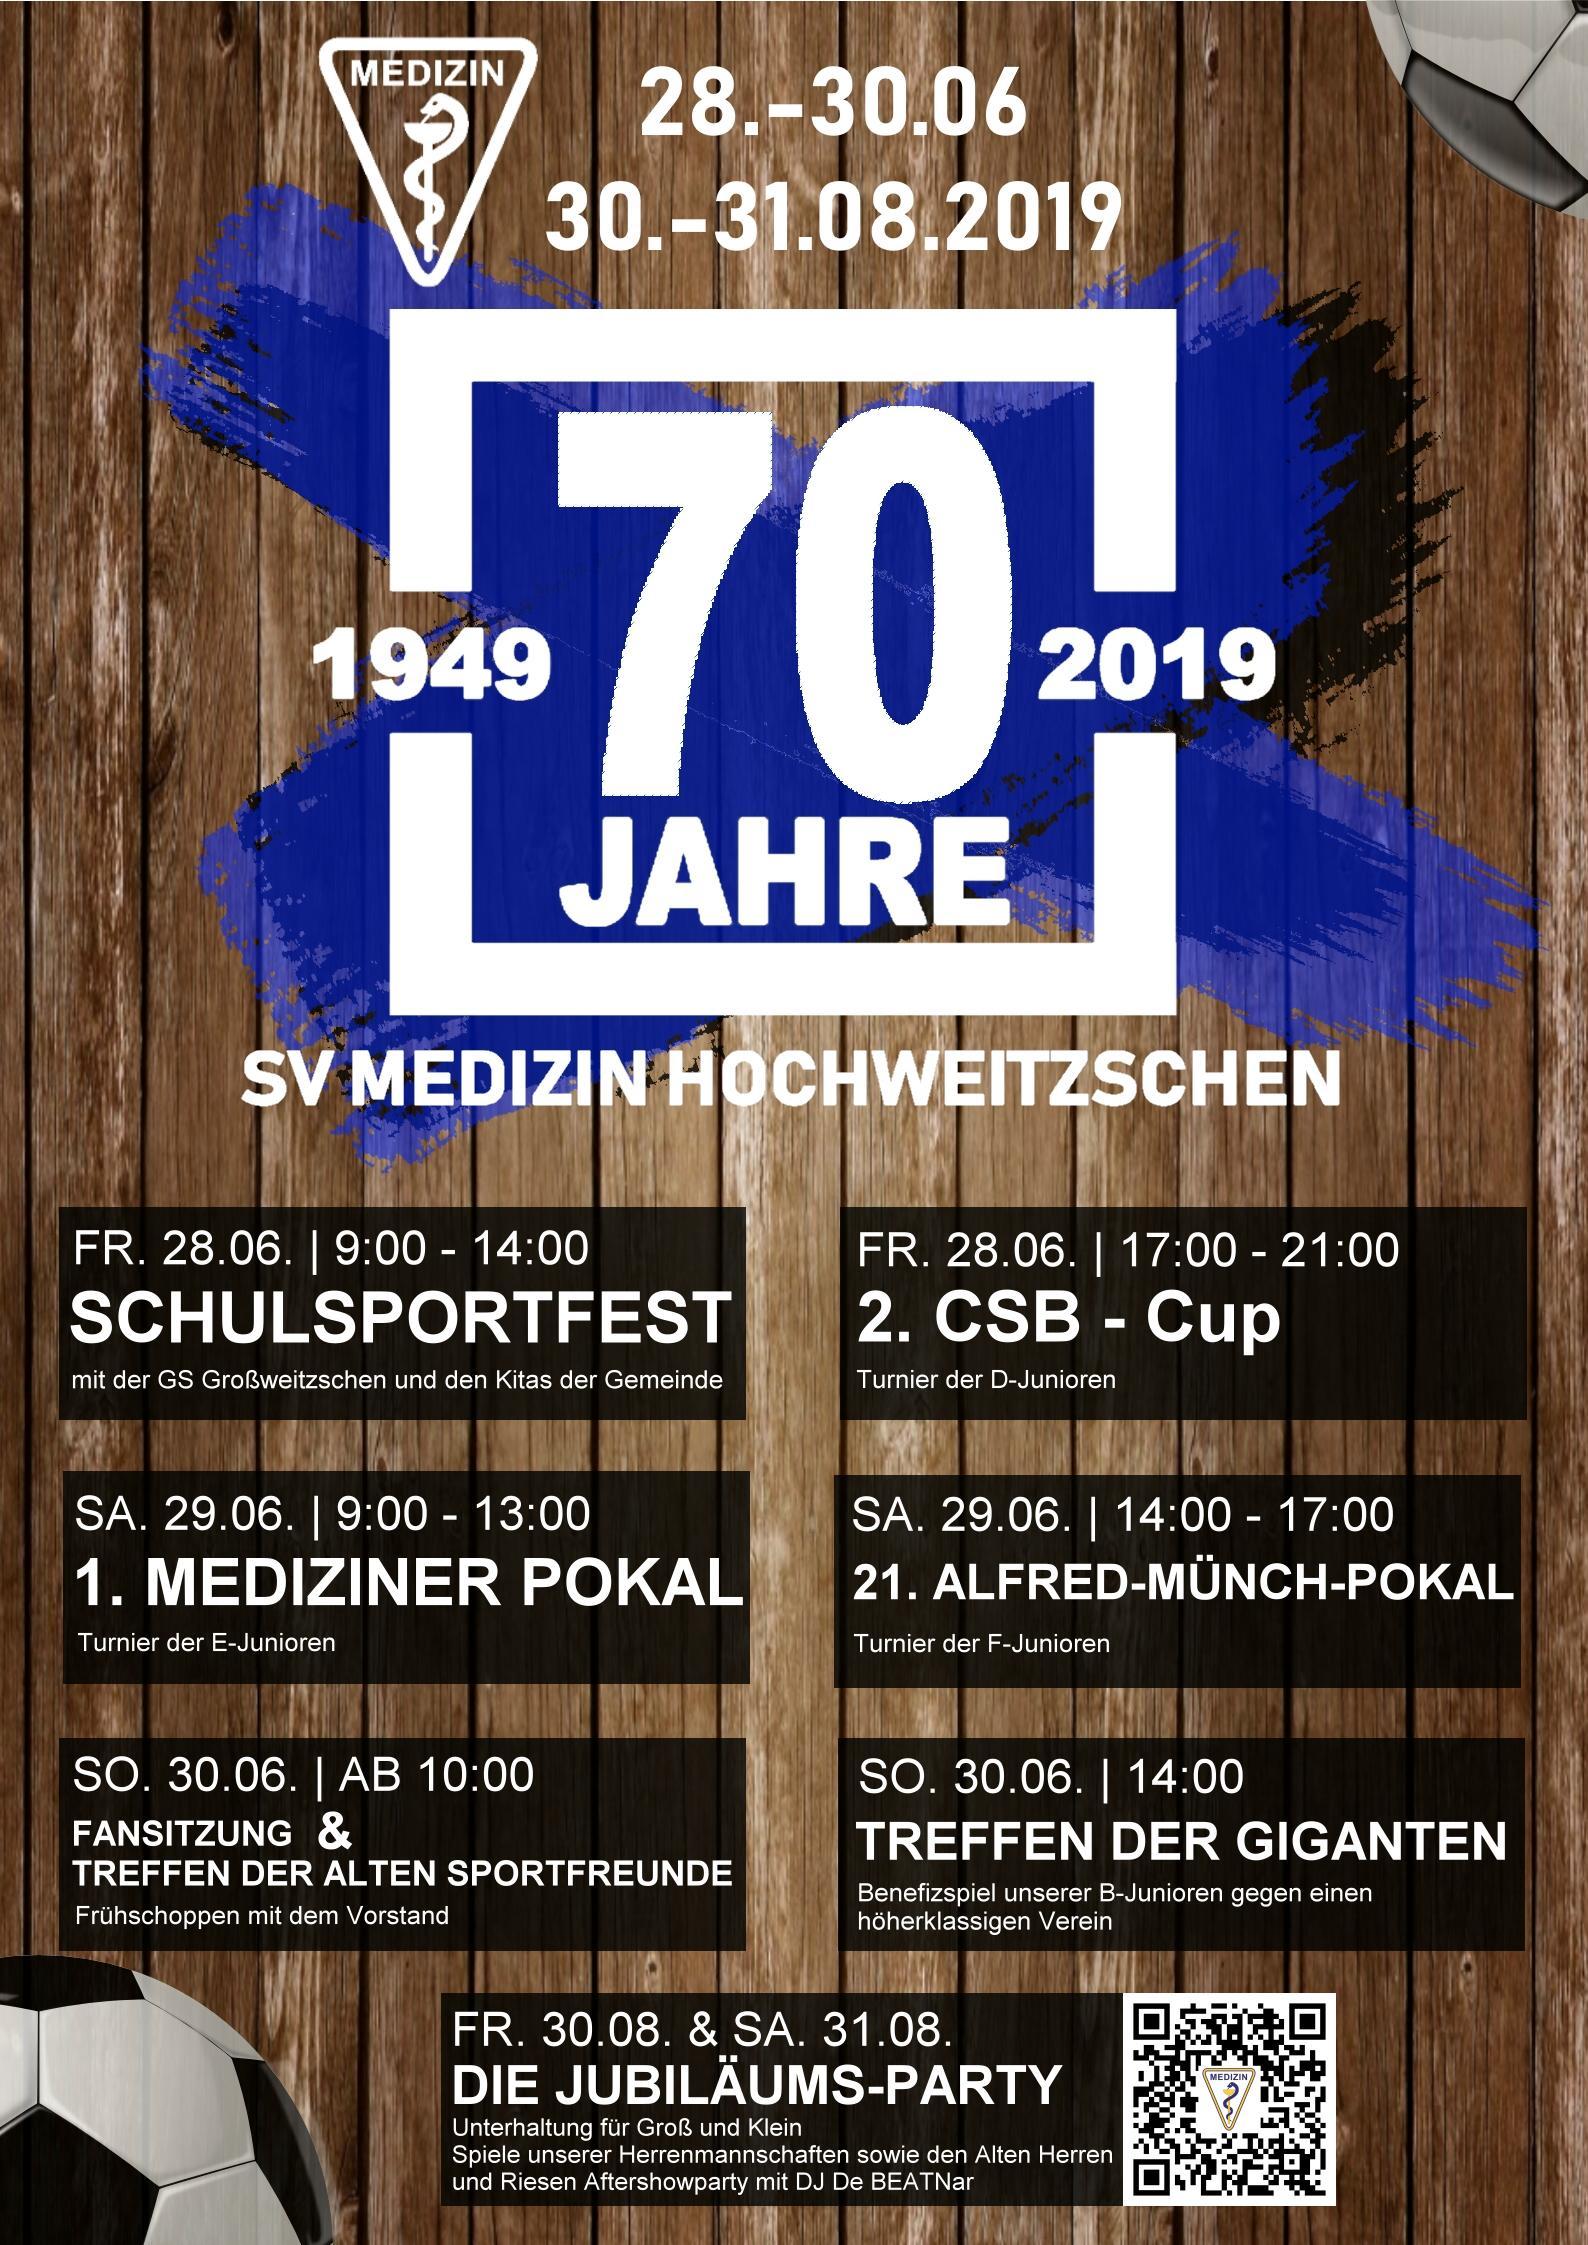 http://www.medizin-hochweitzschen.de/wp-content/uploads/2019/01/Plakat-70-Jahre-FINAL.jpg